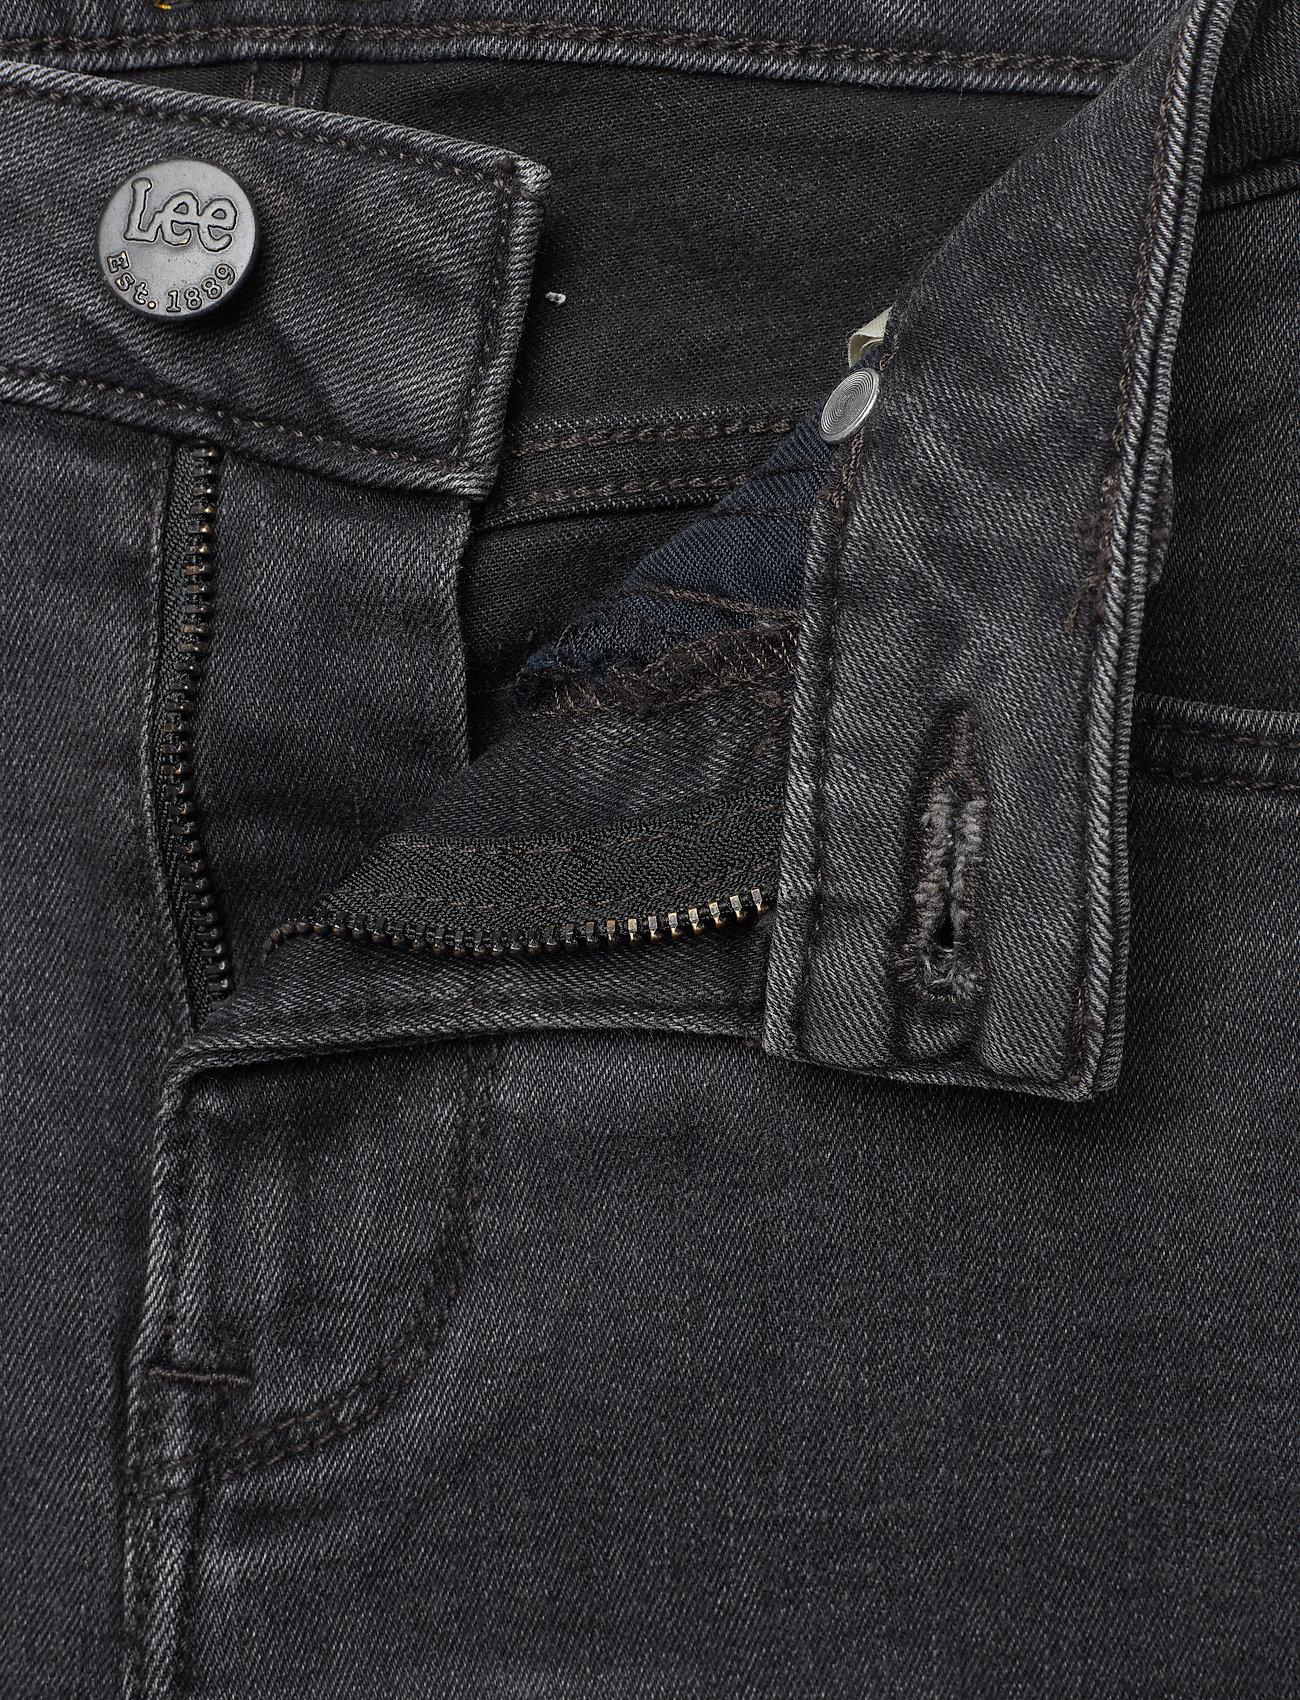 Lee Jeans - Scarlett High - skinny jeans - high bucklin - 6